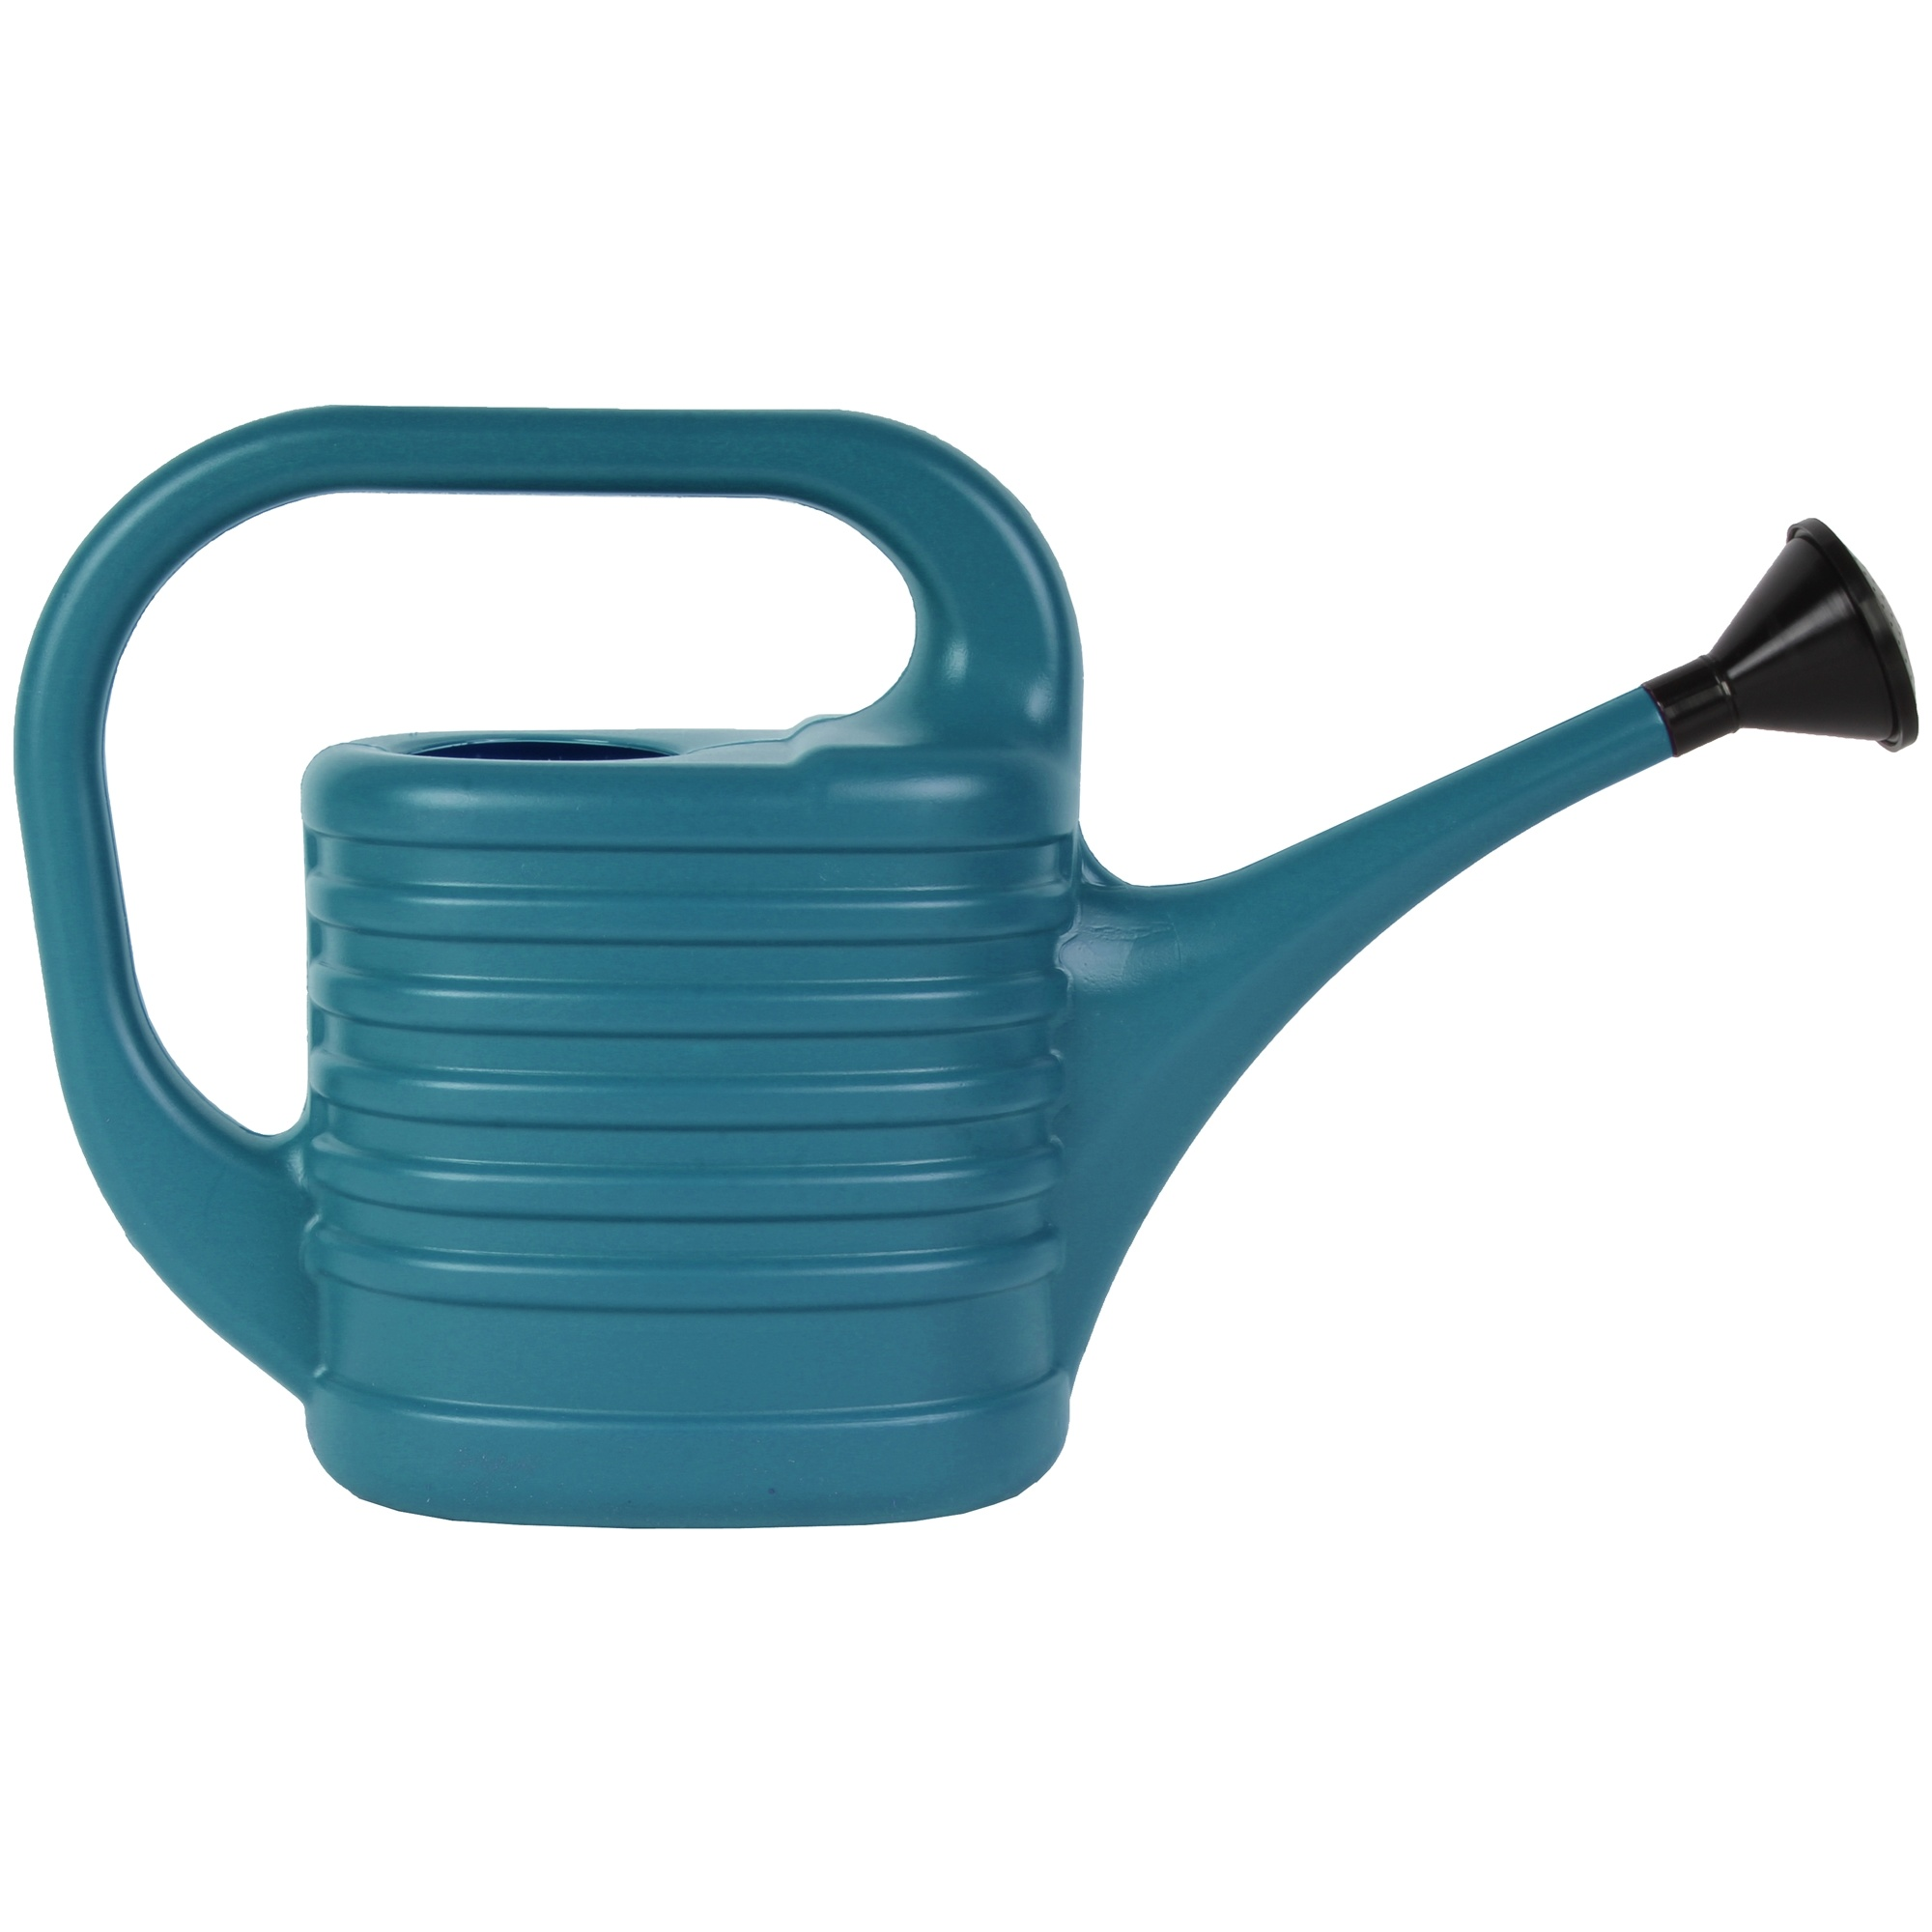 Deze kunststof gieter is geschikt voor het gericht water geven aan planten ed. de inhoud van deze gieter is ...